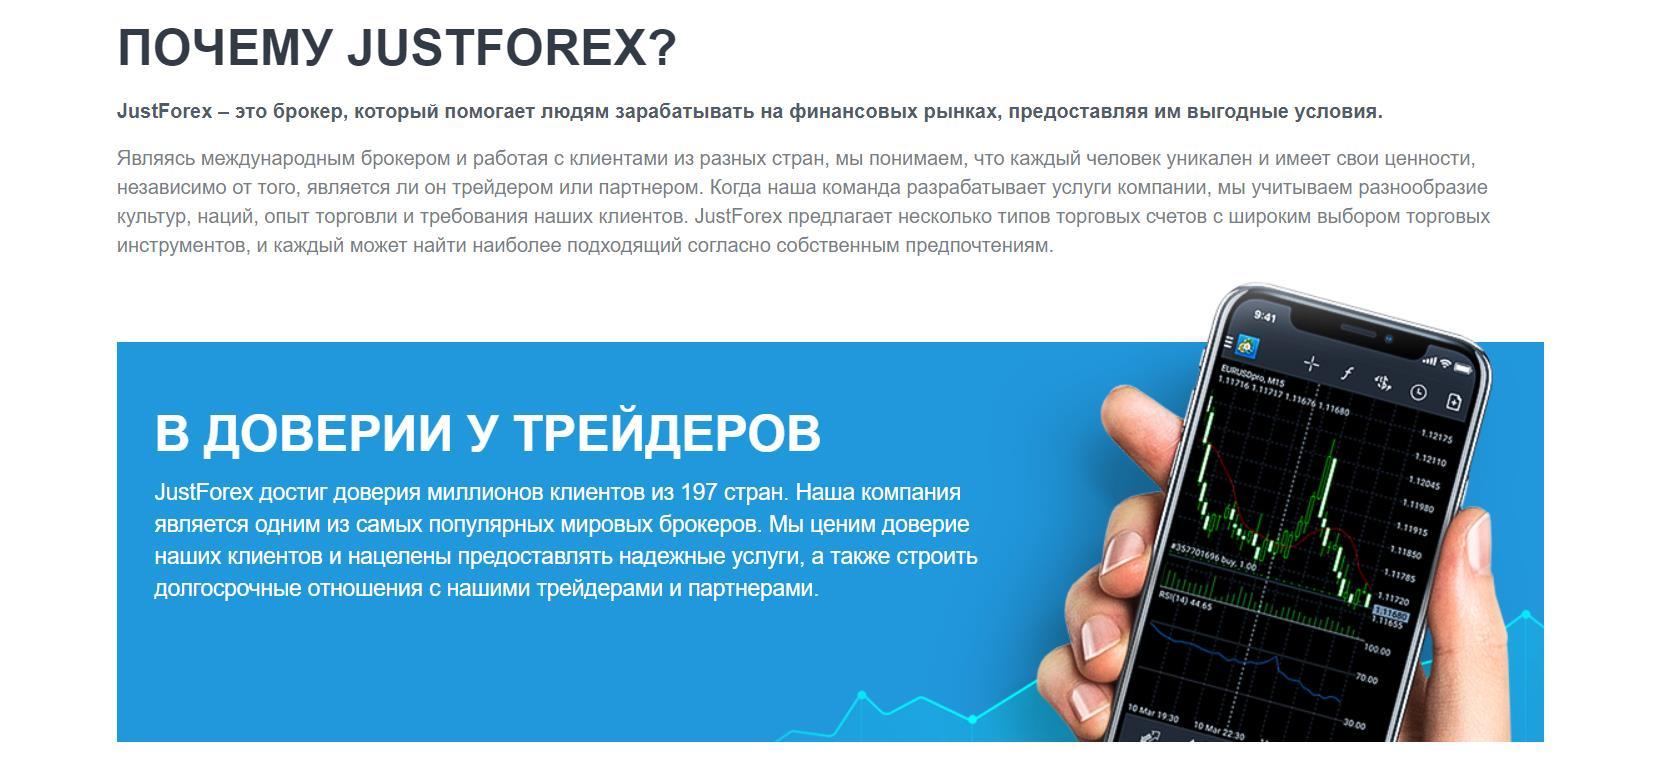 почему стоит выбрать justforex